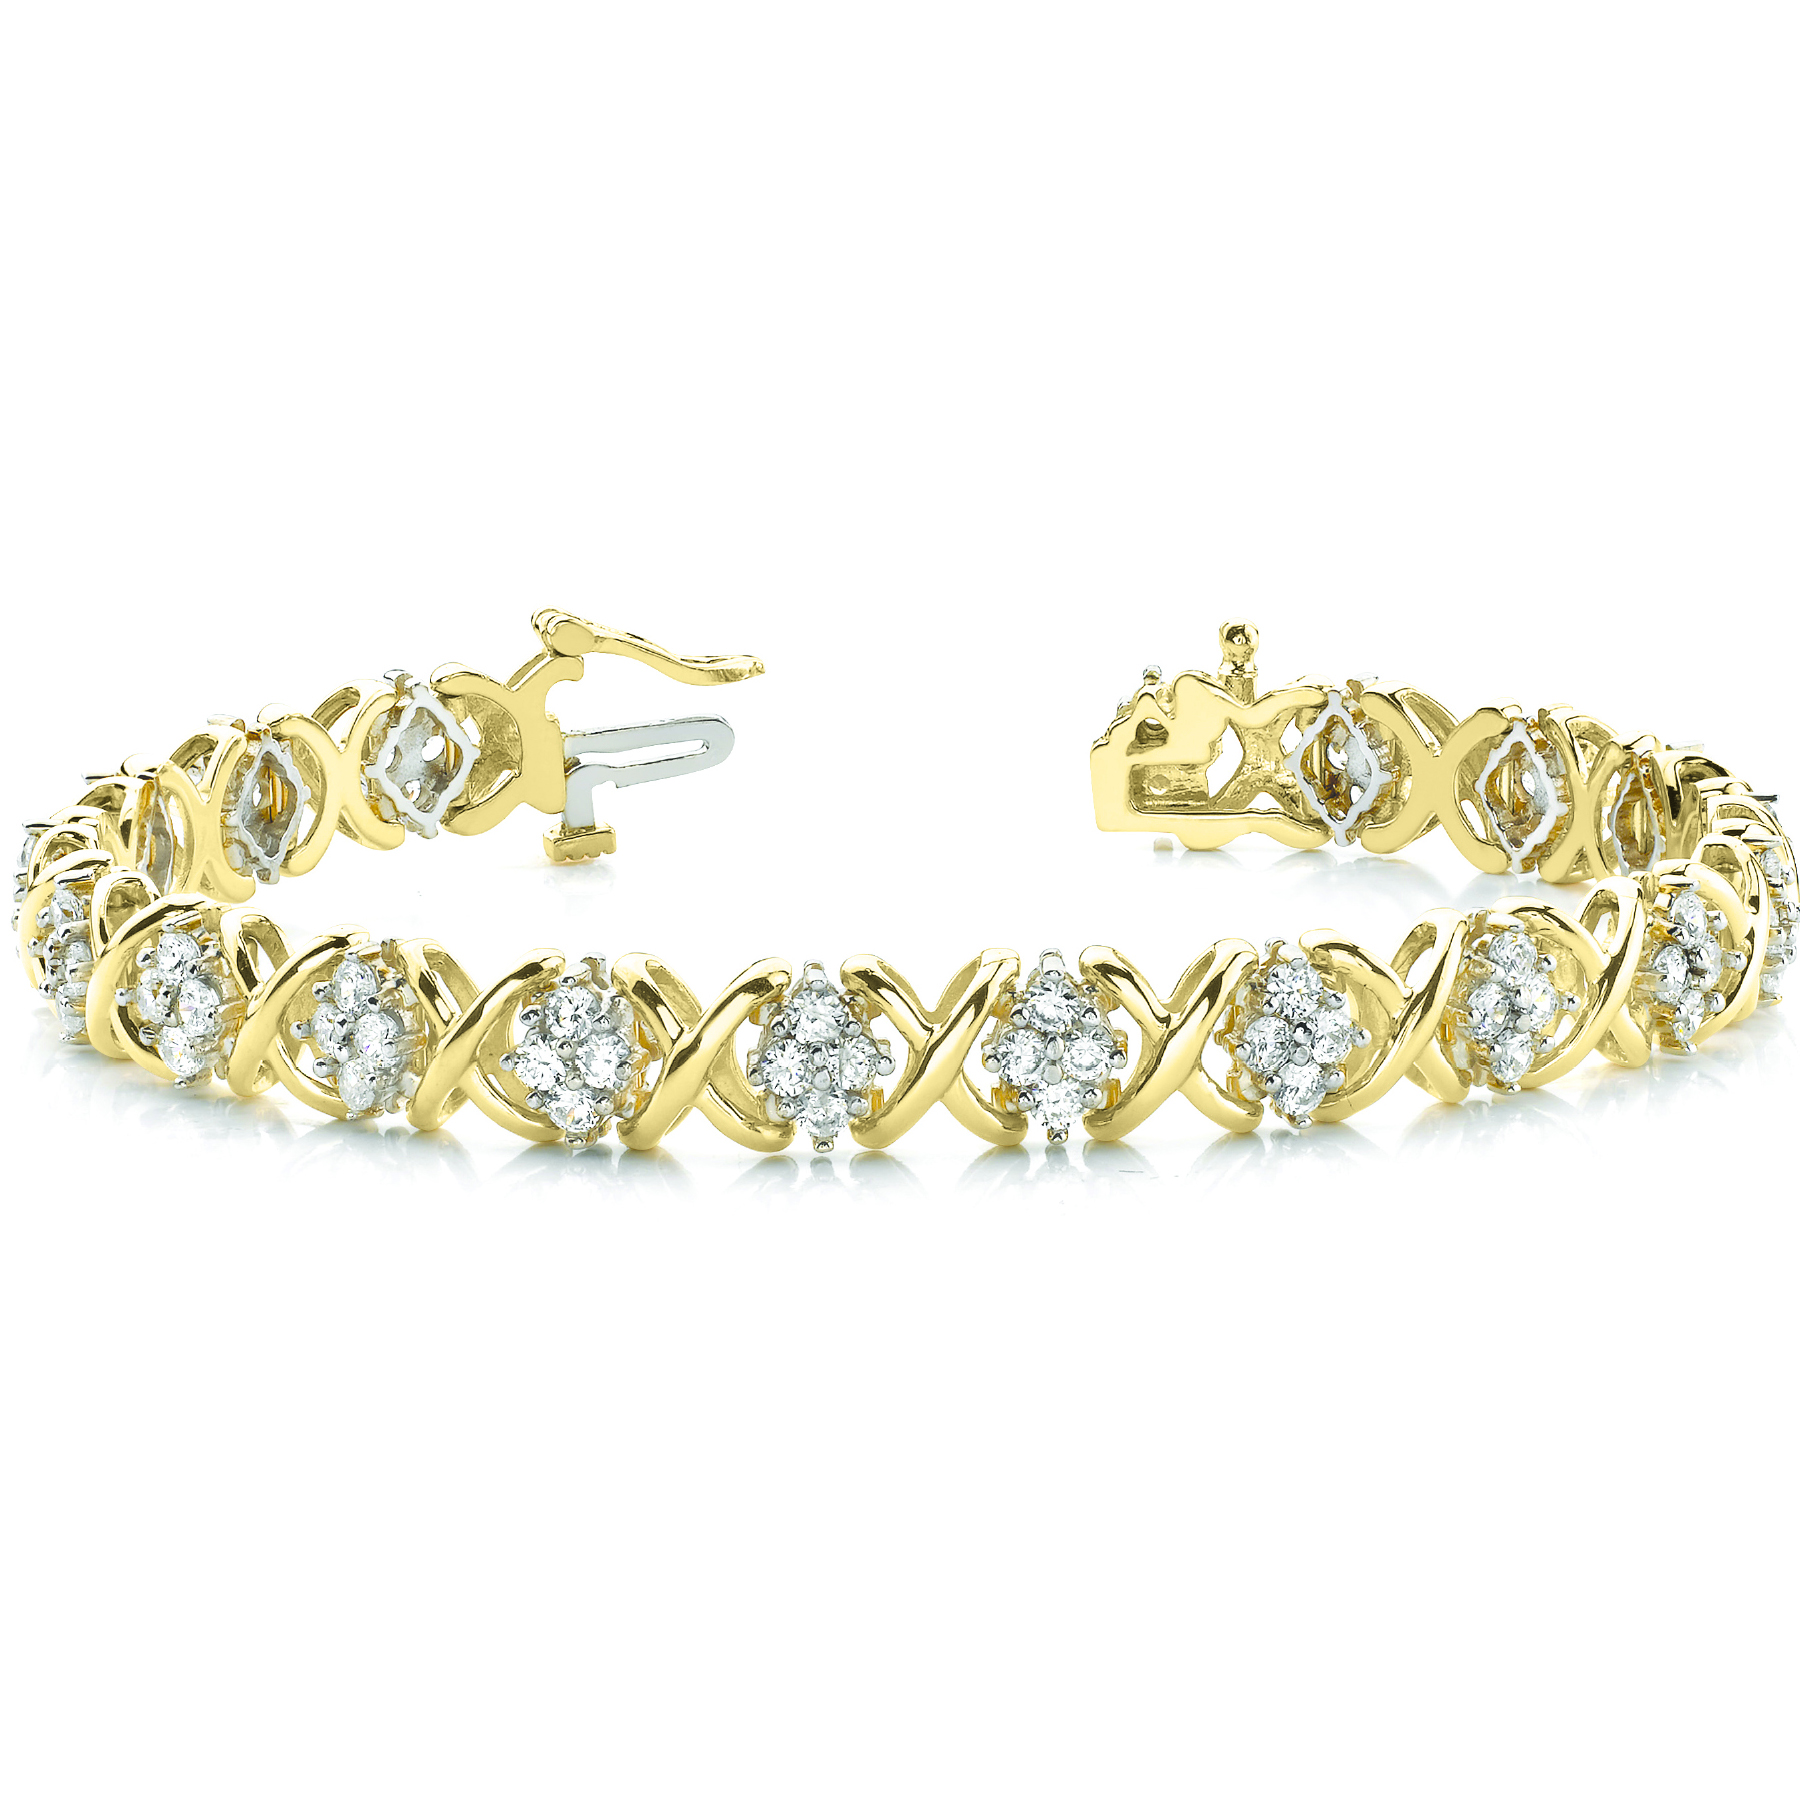 18k-yellow-gold-fashion-diamond-bracelet-70014-1